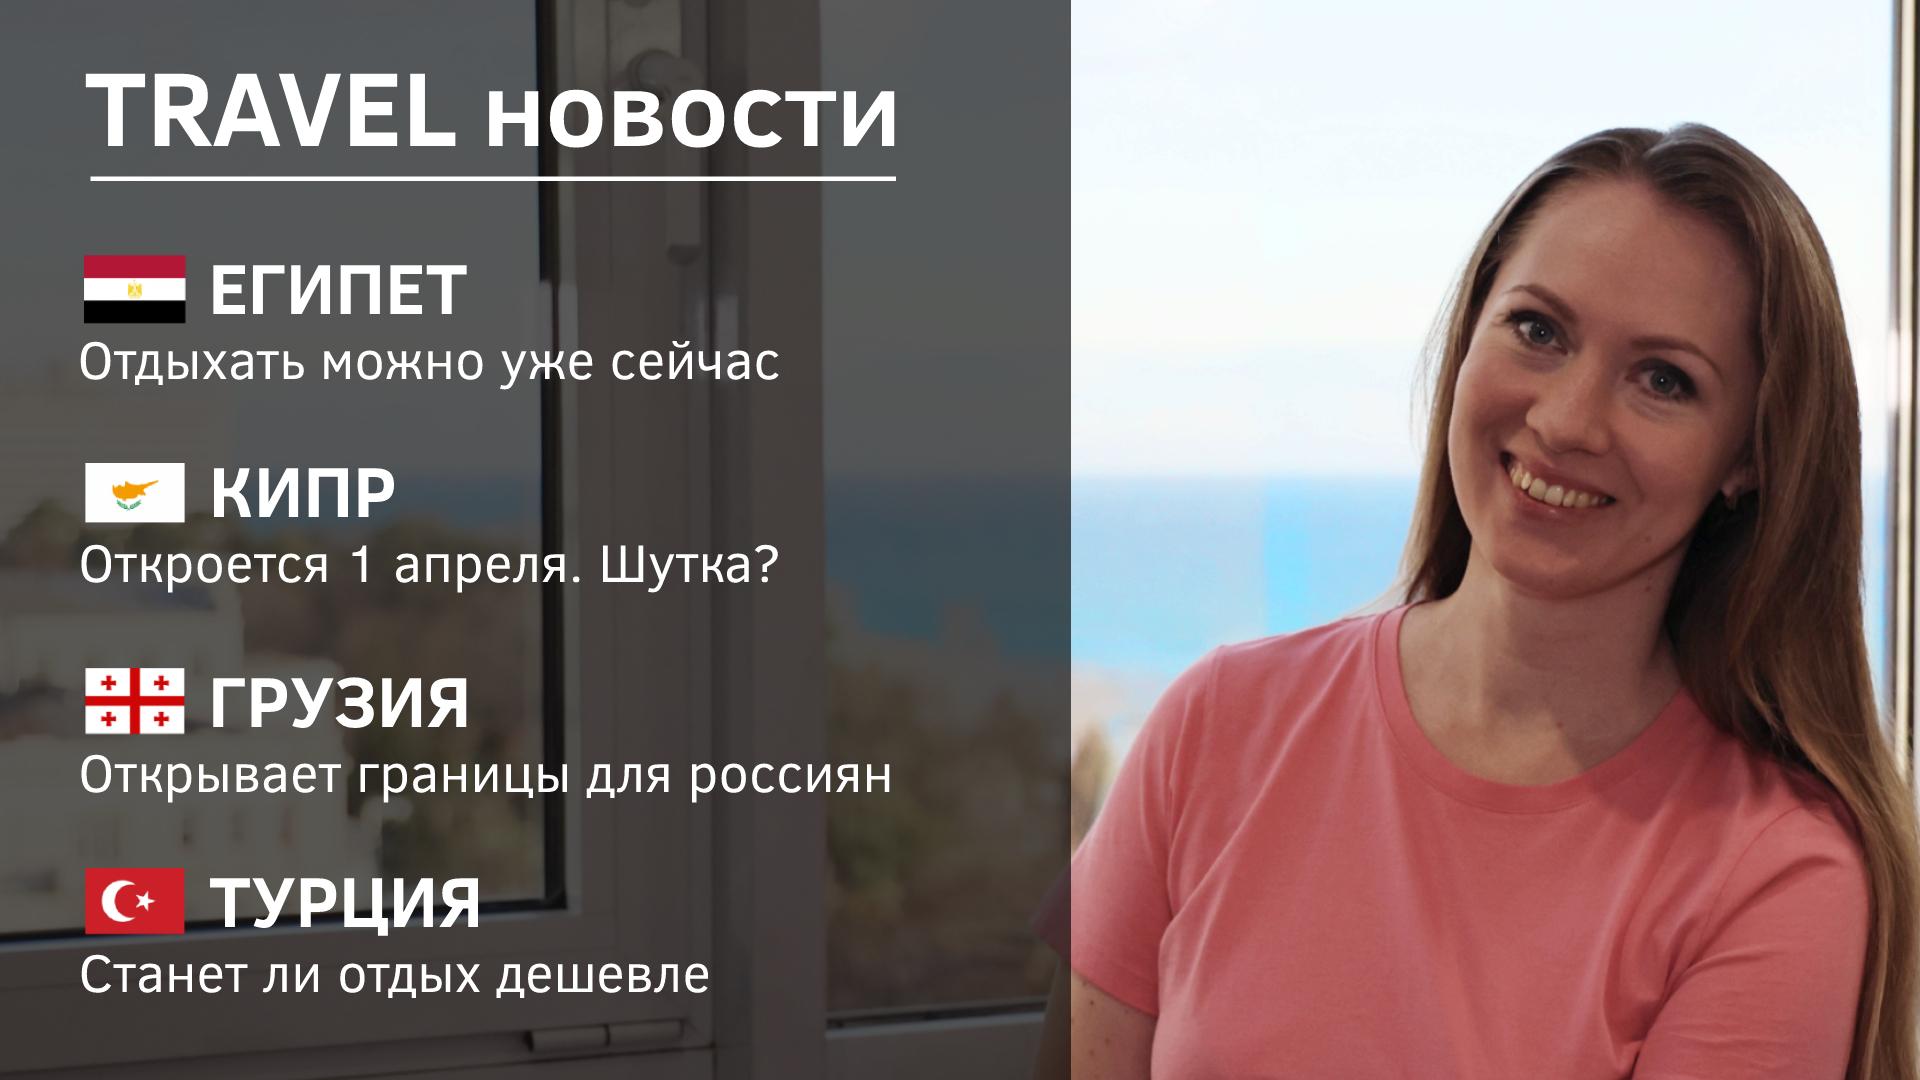 Travel новости. Египет открыт, но без чартеров. Грузия пустит россиян. Кипр переносит сроки. В Сочи всё очень дорого.